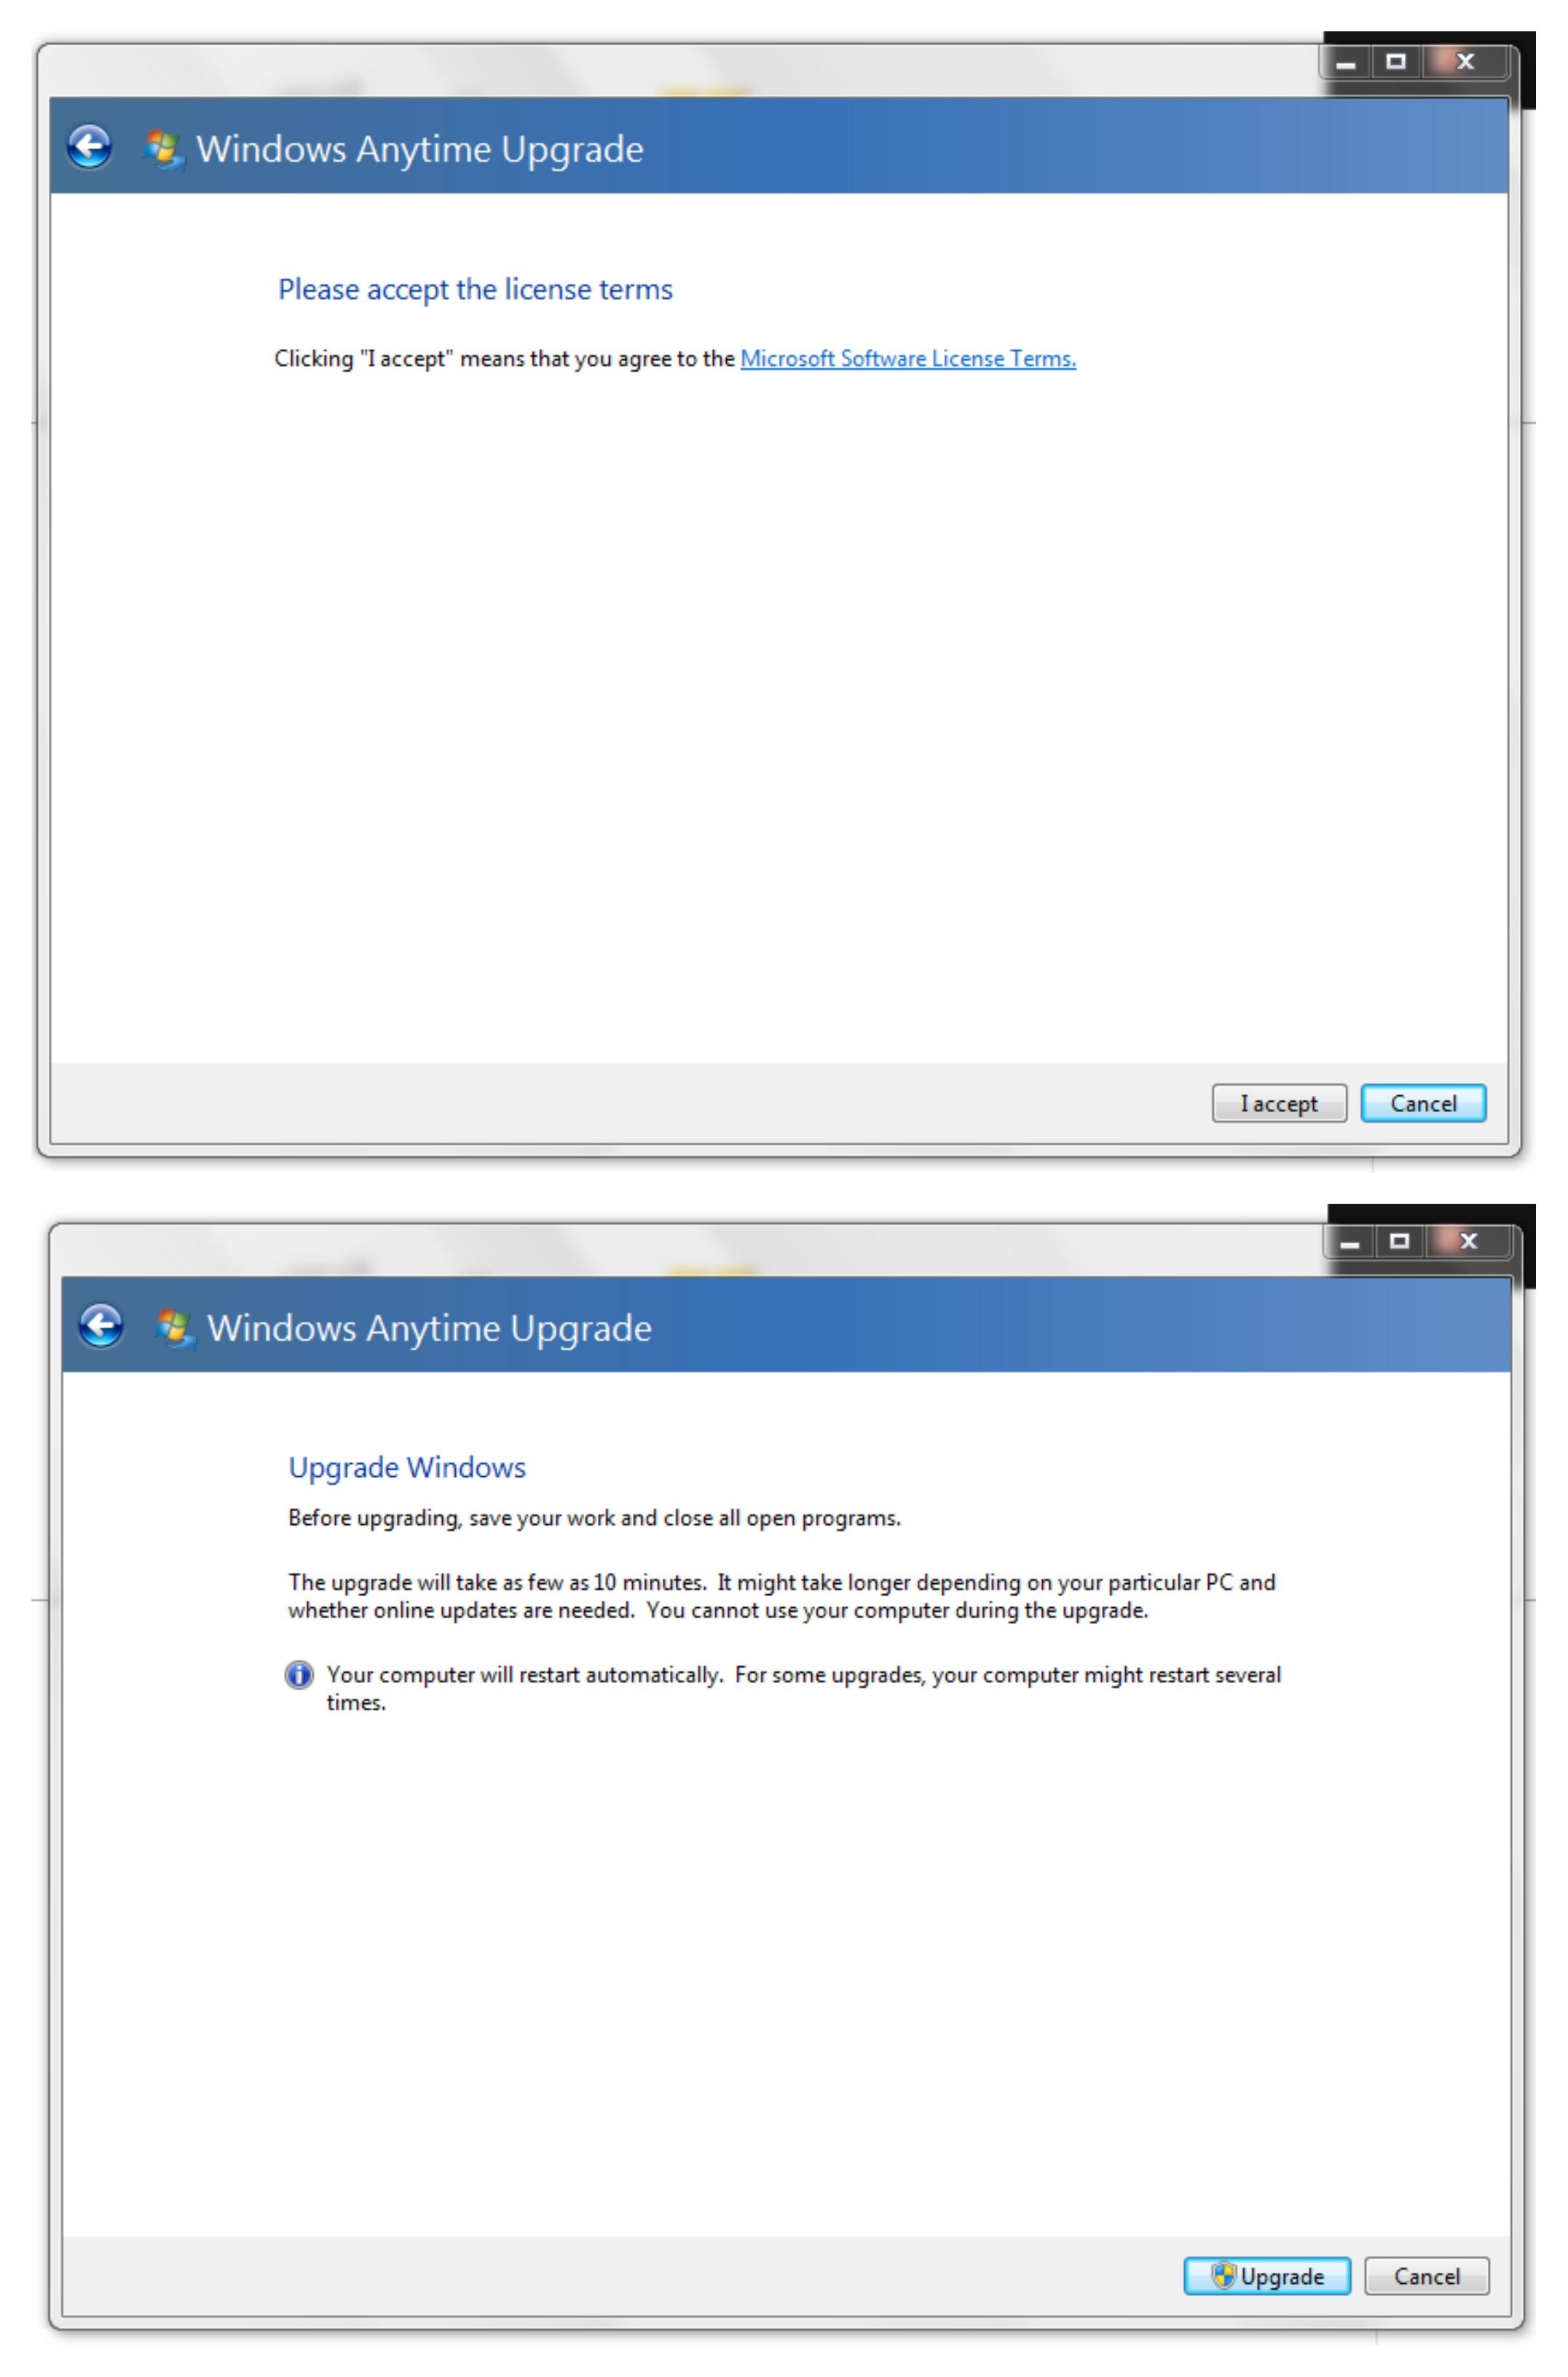 free windows anytime upgrade keys 64 bit download